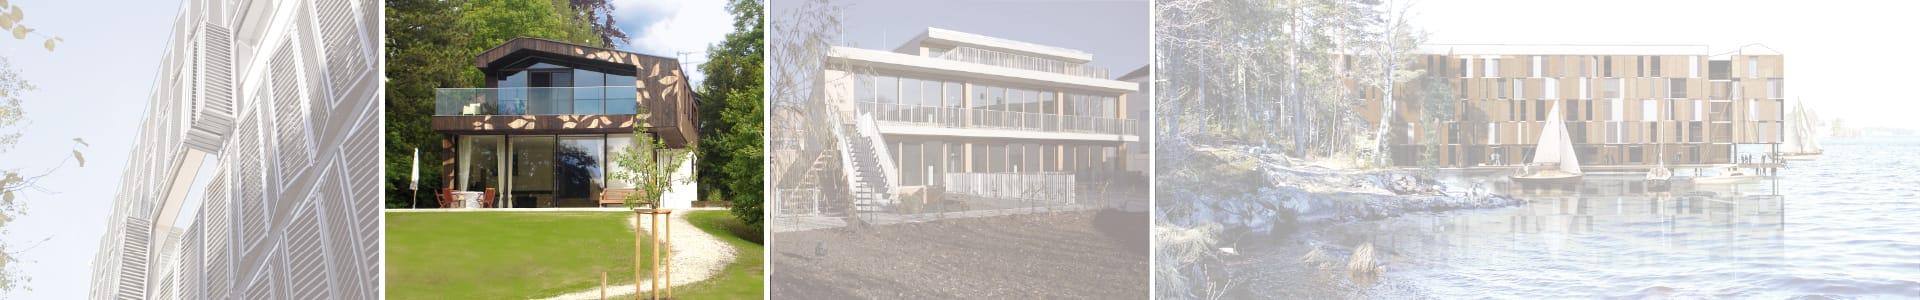 Architekt Bau Einfamilienhaus in Buch KR Häuser GmbH